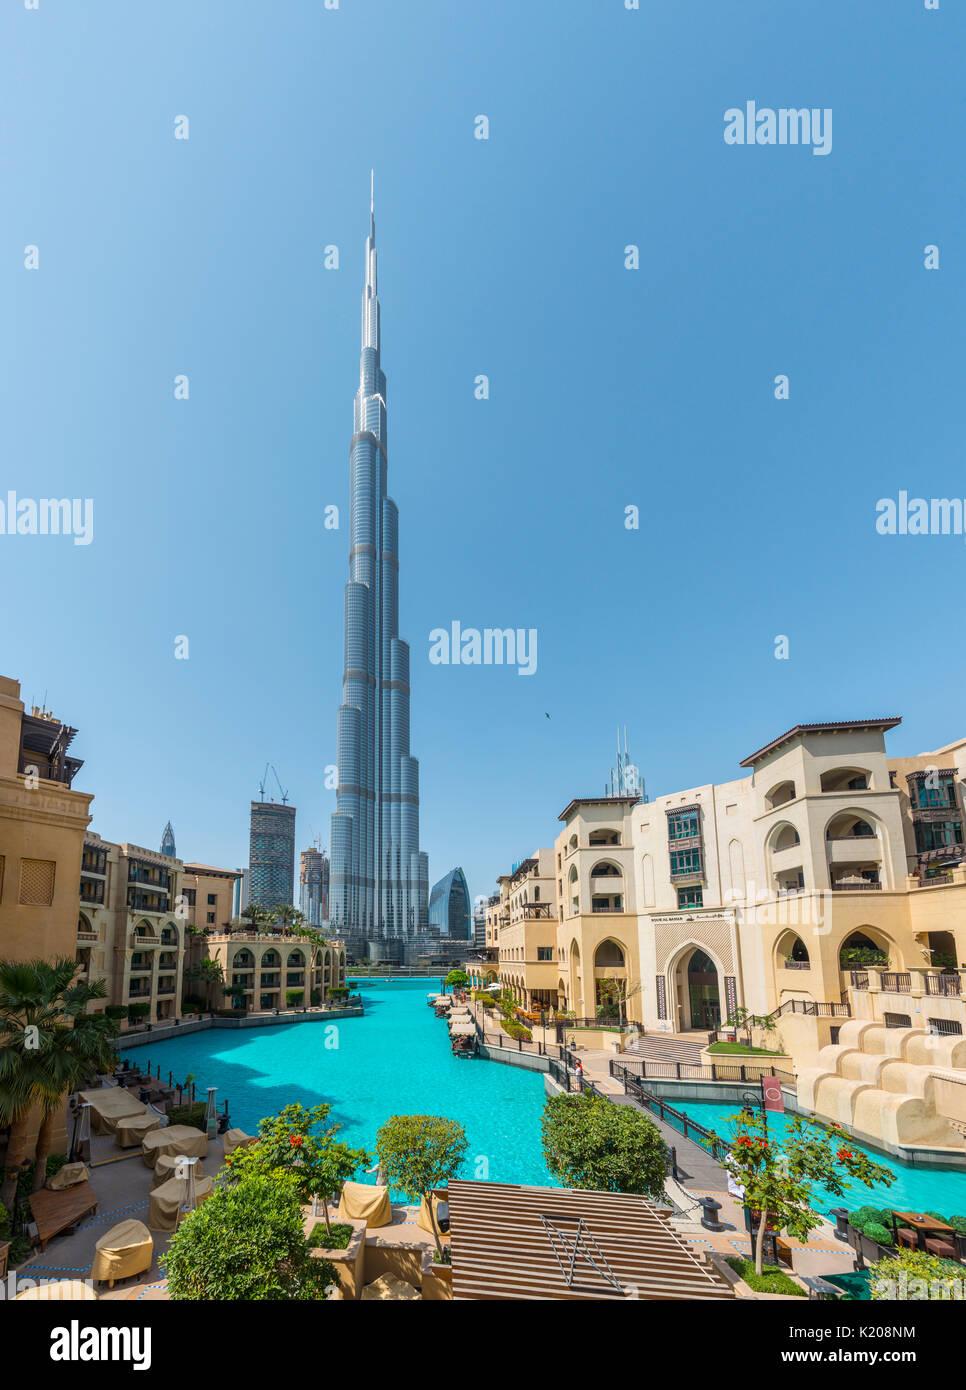 El Burj Khalifa con lago artificial, Dubai, Emirato Dubai, Emiratos Árabes Unidos. Foto de stock